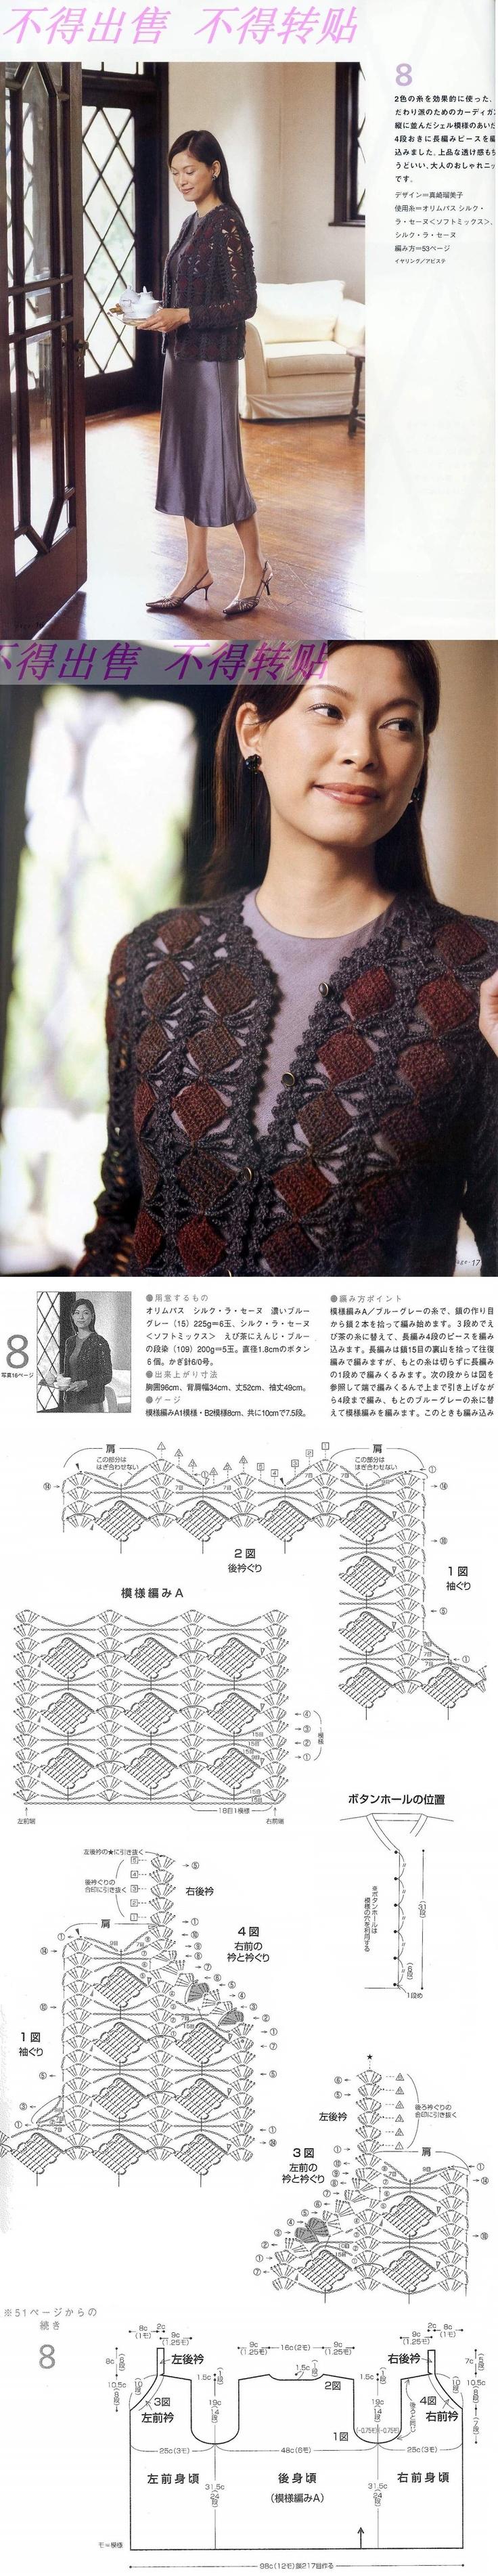 Revista Let's Knit Series_1. ♪ ♪ ... #inspiration_crochet #diy GB